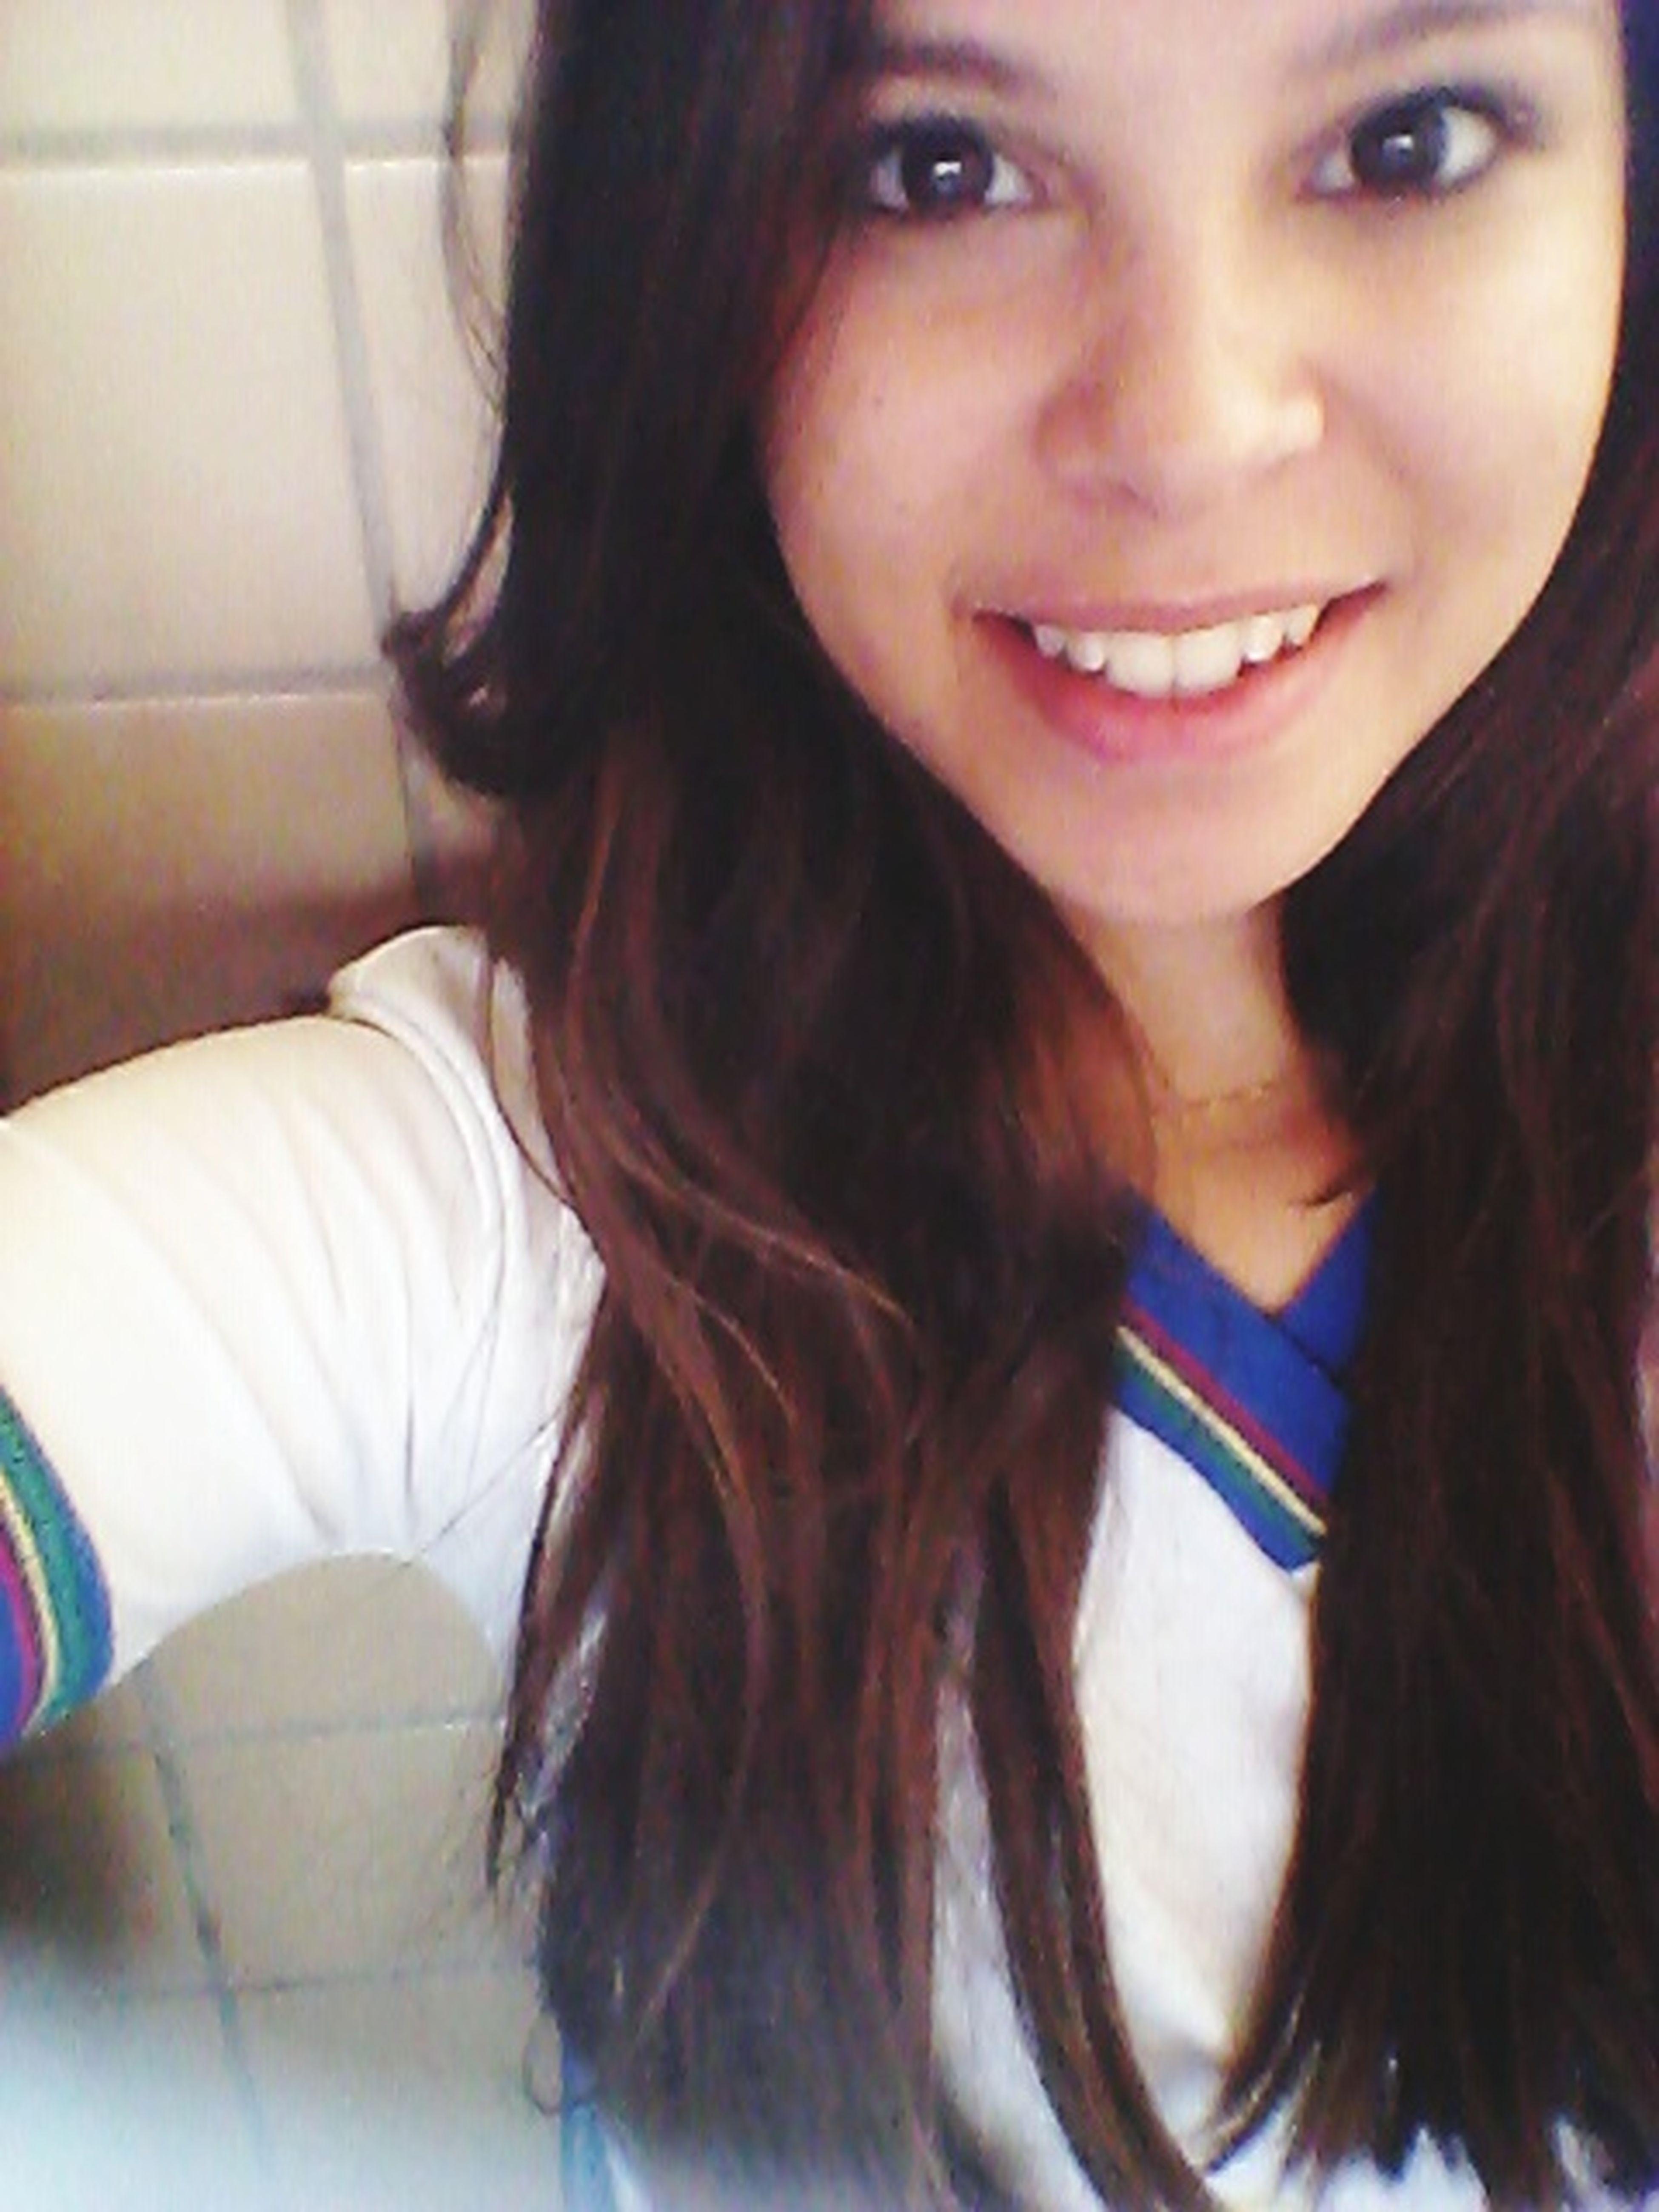 O sorriso é a curva mais bonita no corpo de qualquer pessoa!